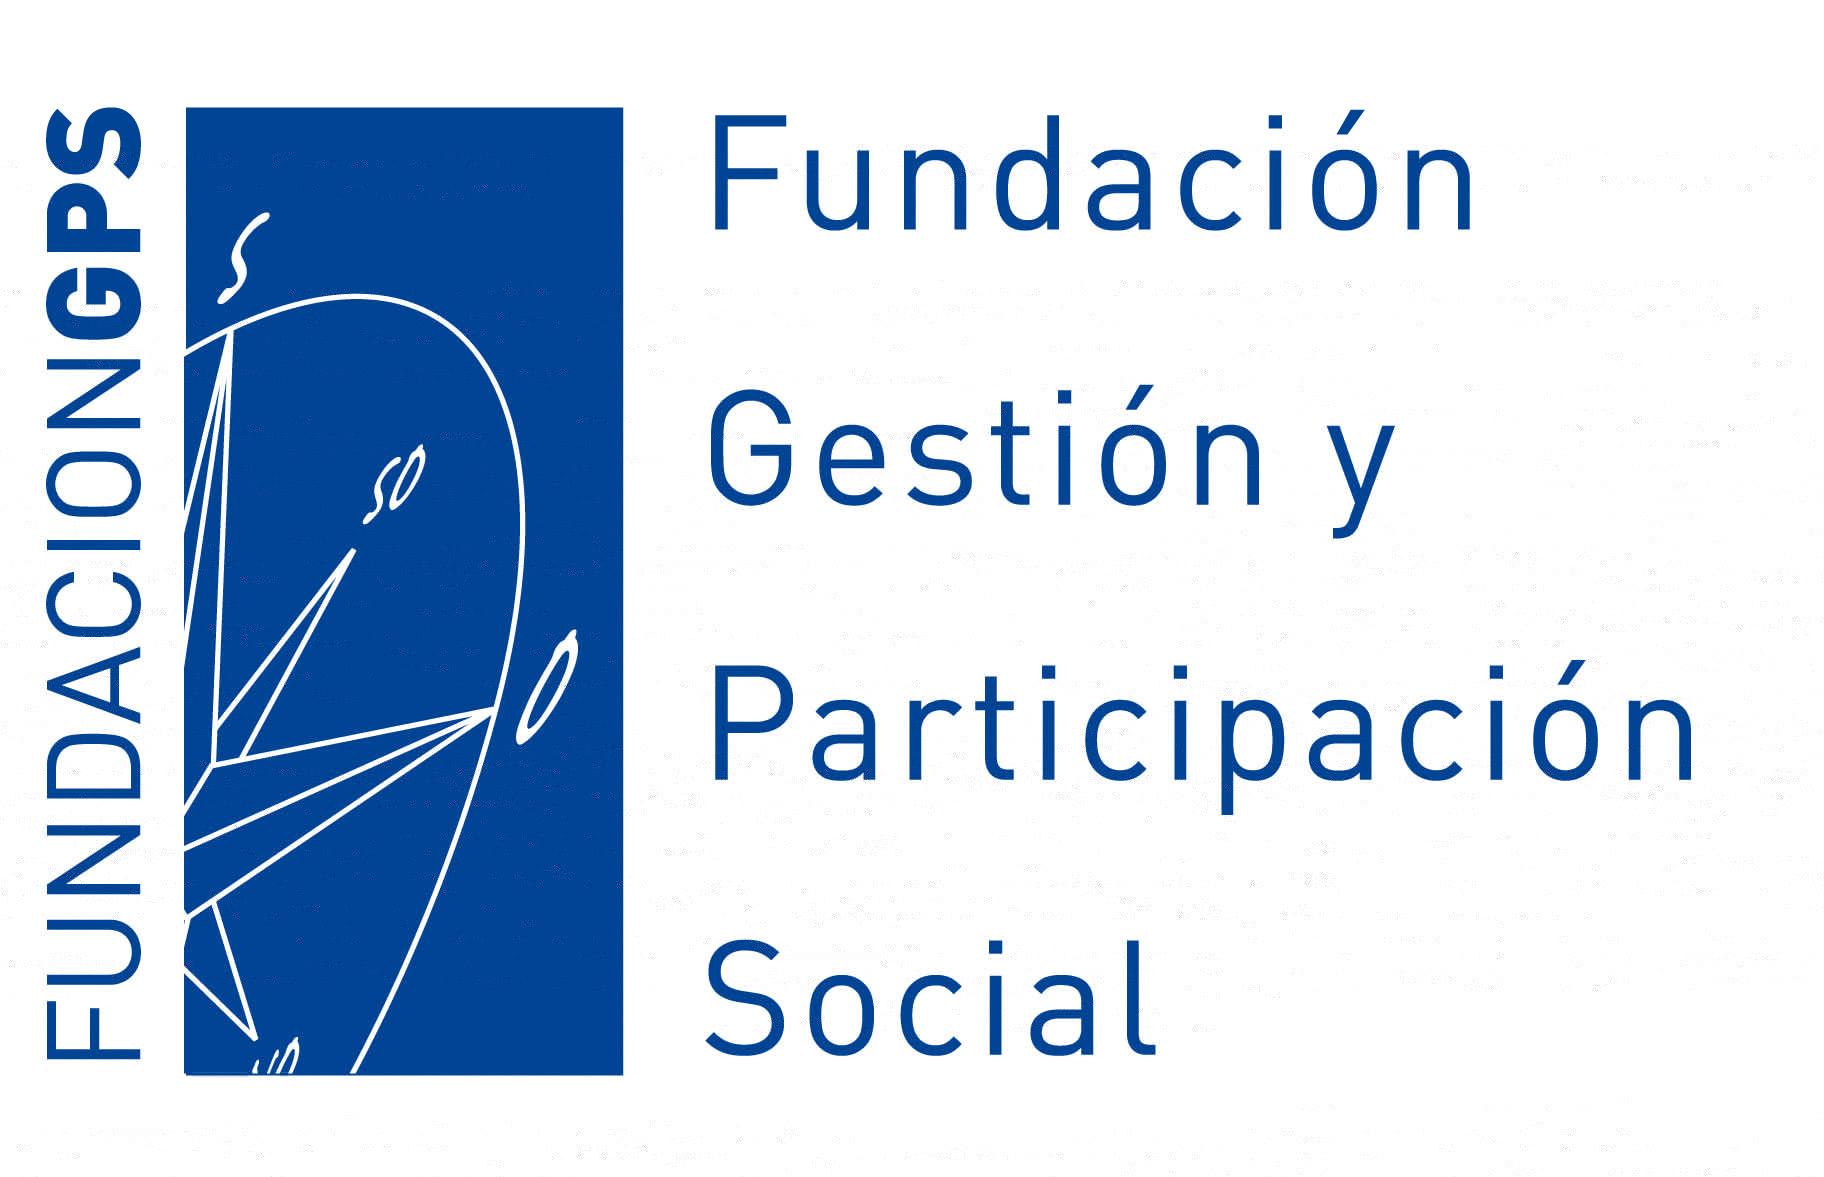 Visita nuestra web asociaciones.org